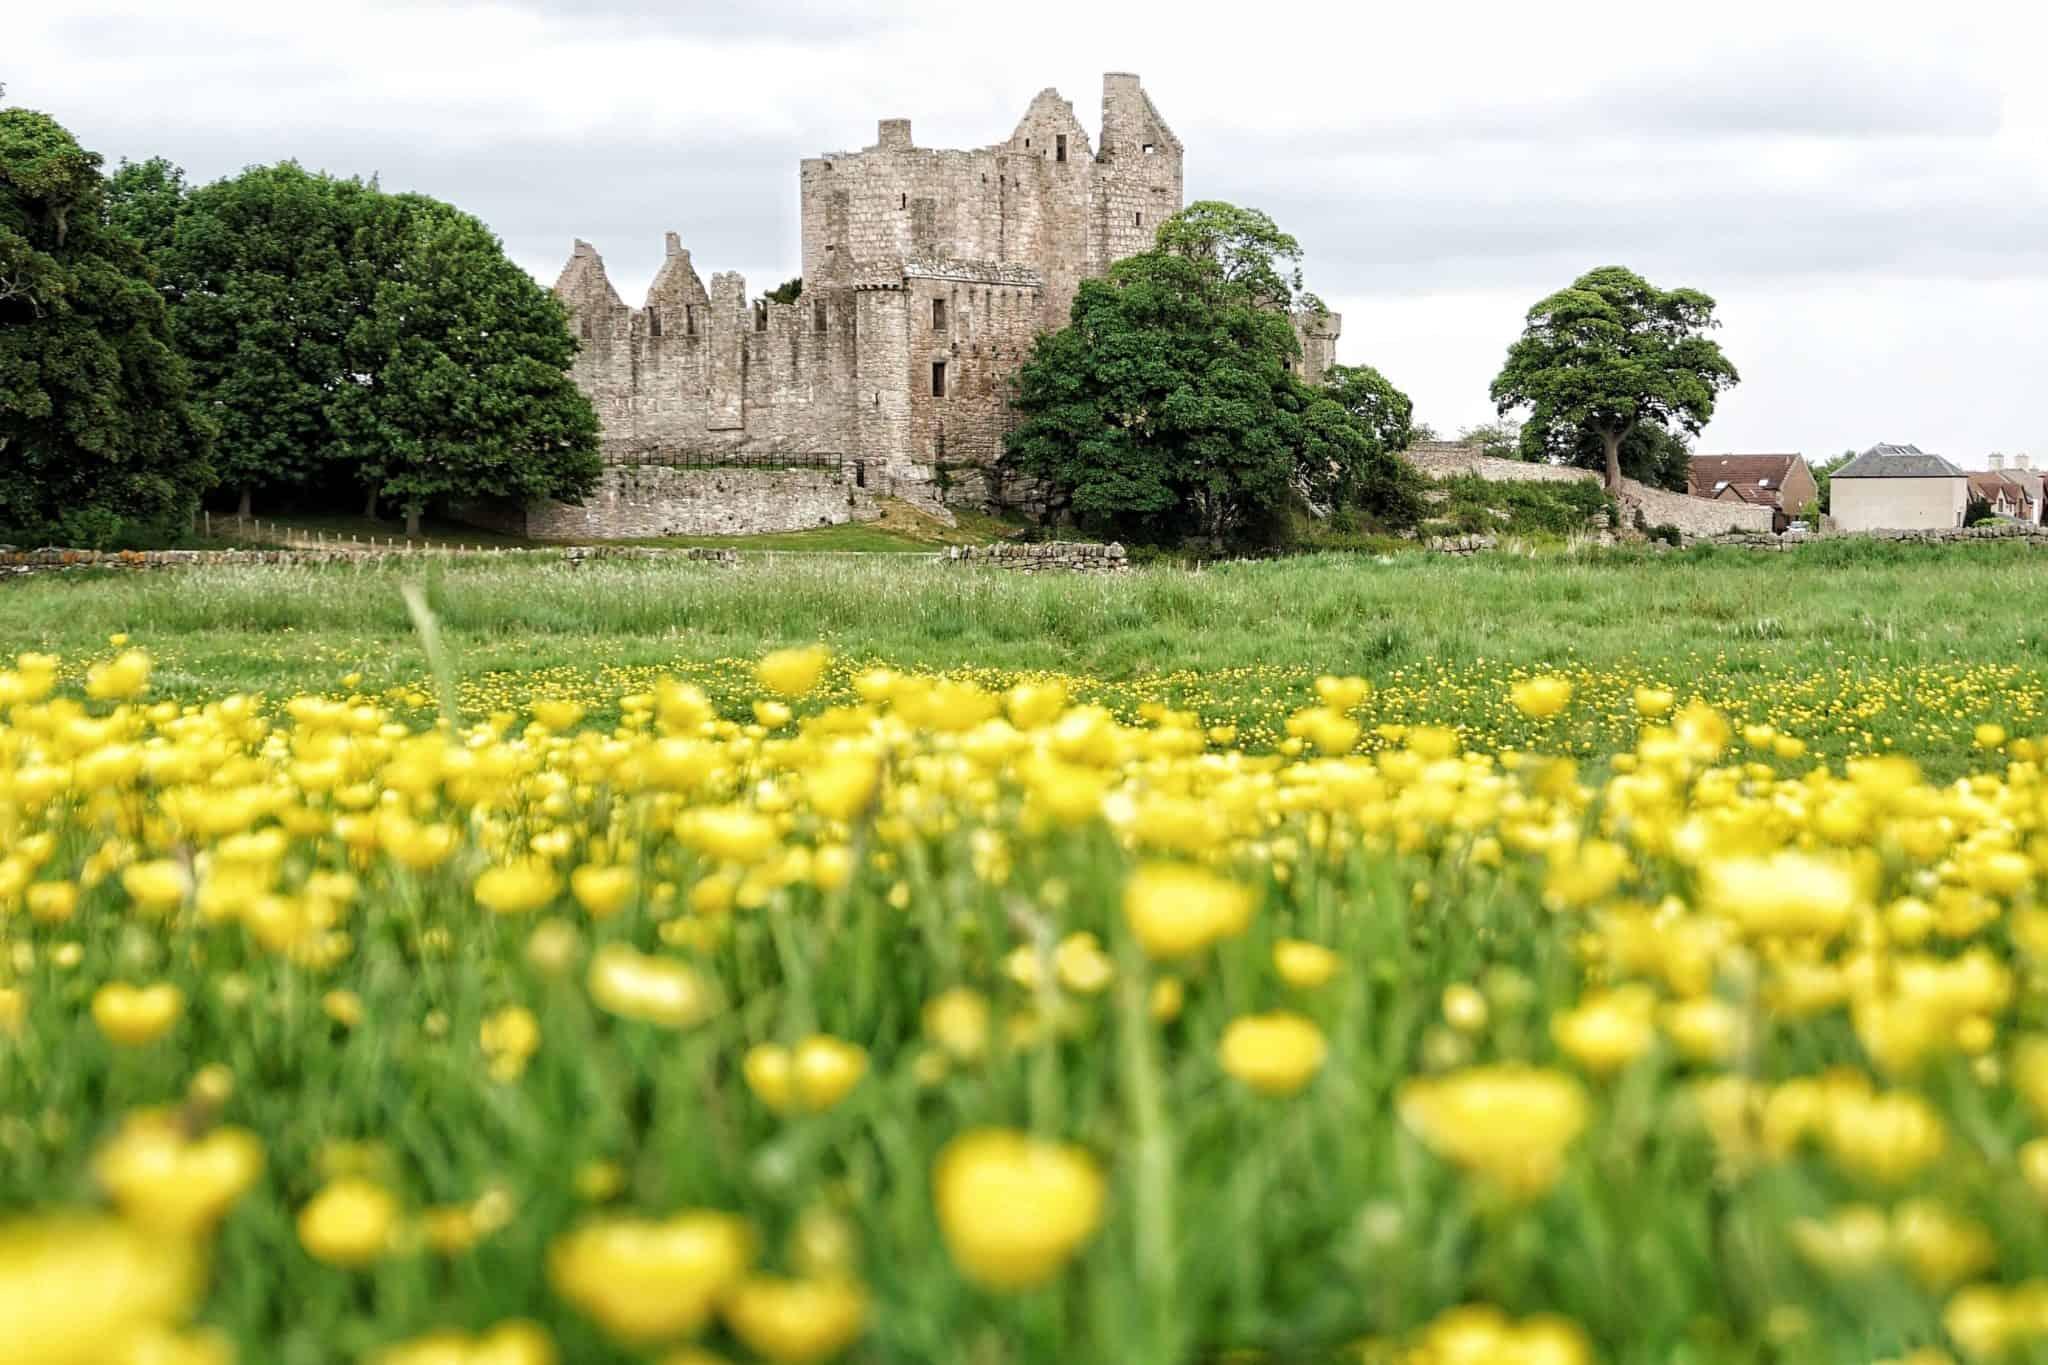 craigmillar castle day trip from edinburgh